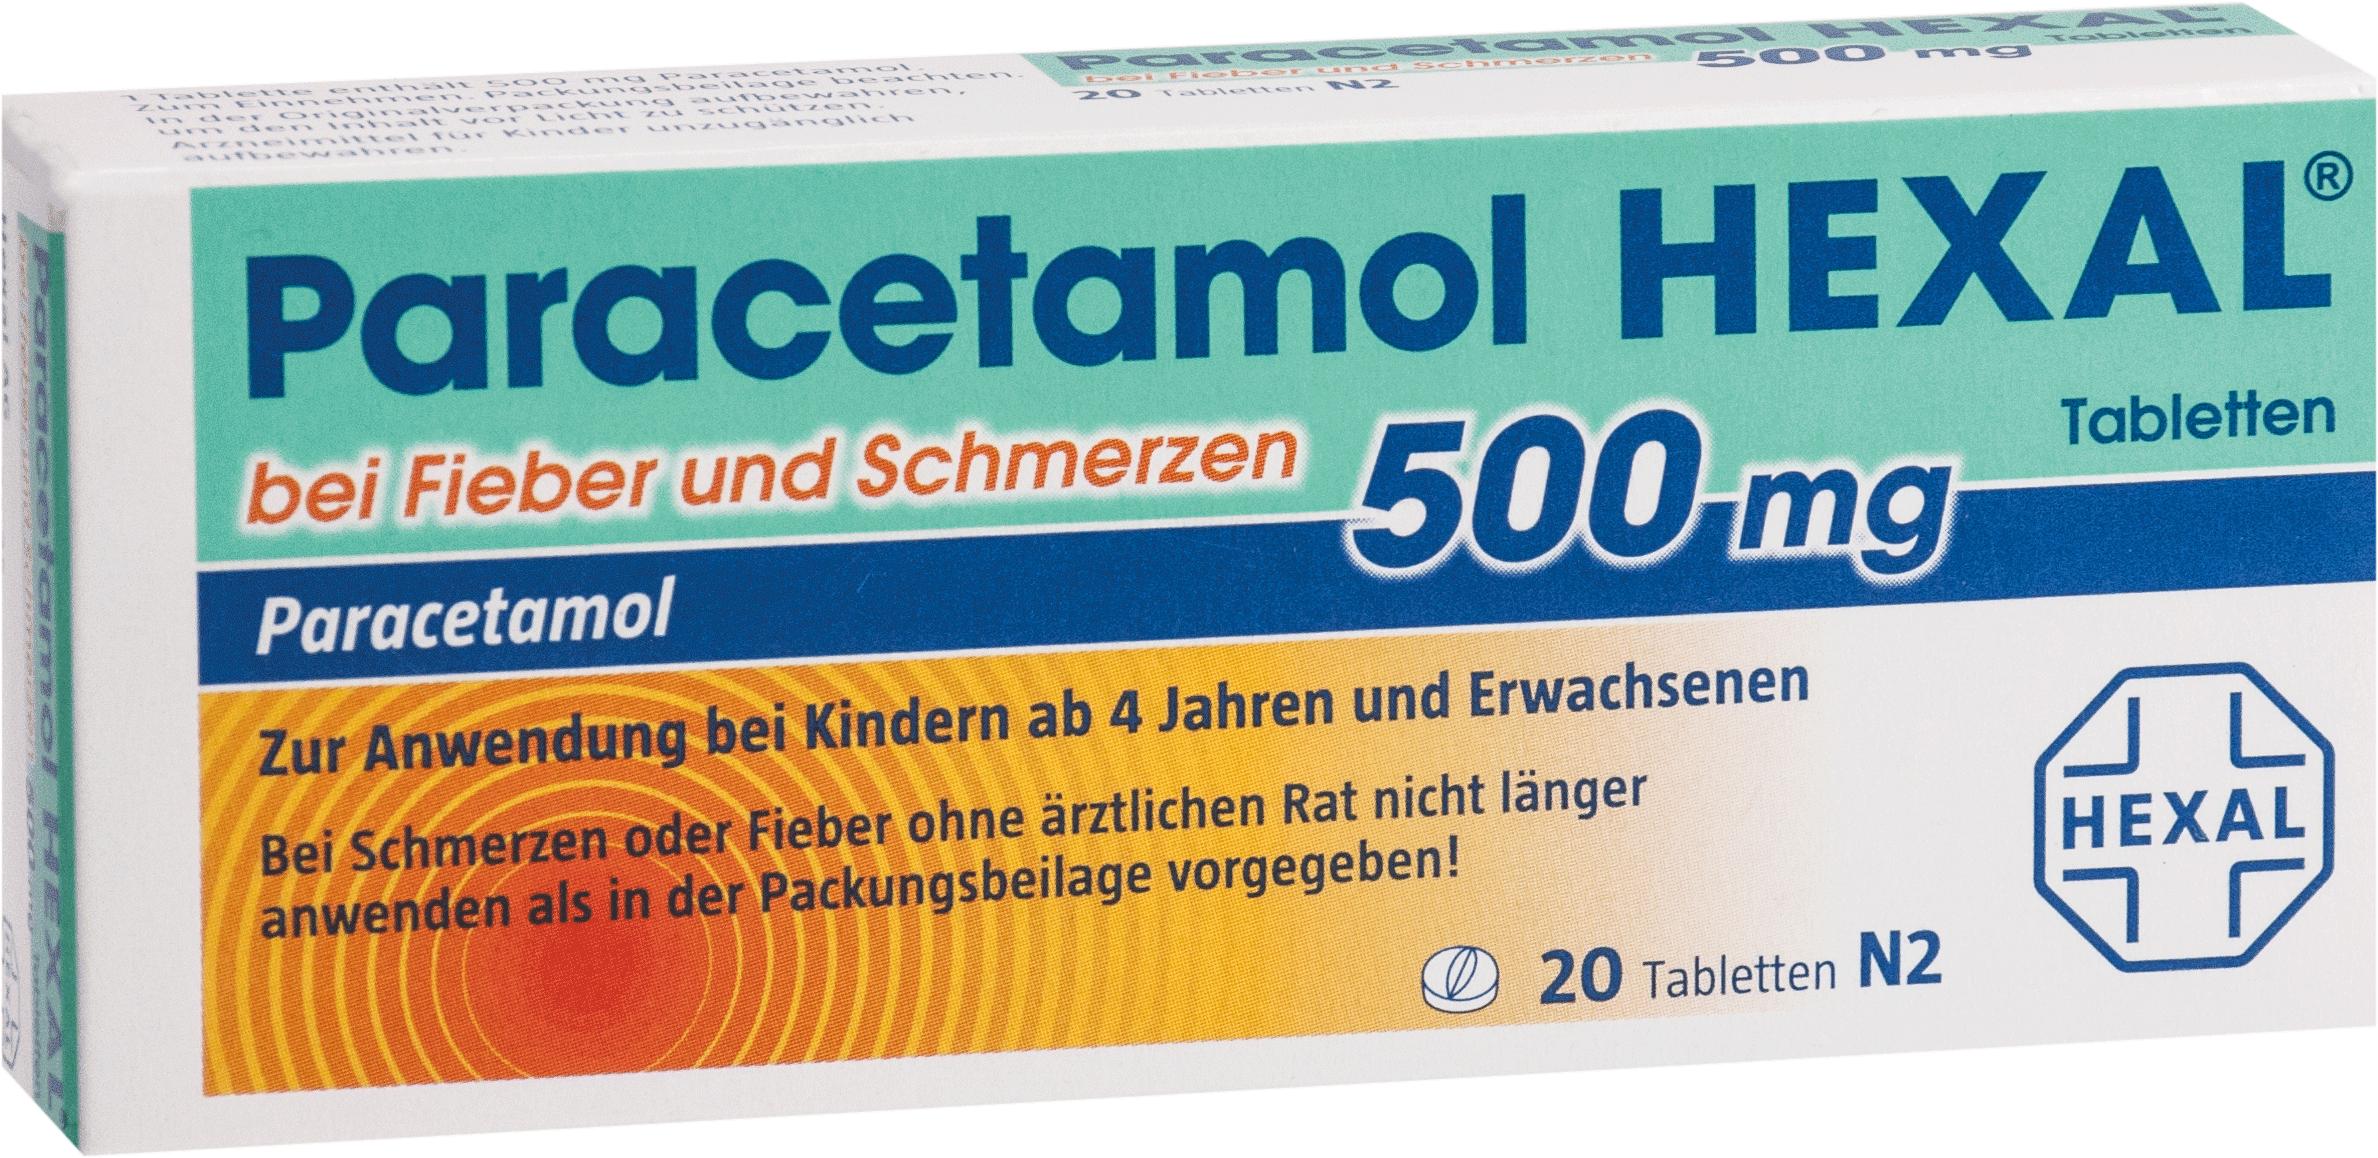 Paracetamol 500mg Hexal bei Fieber und Schmerzen